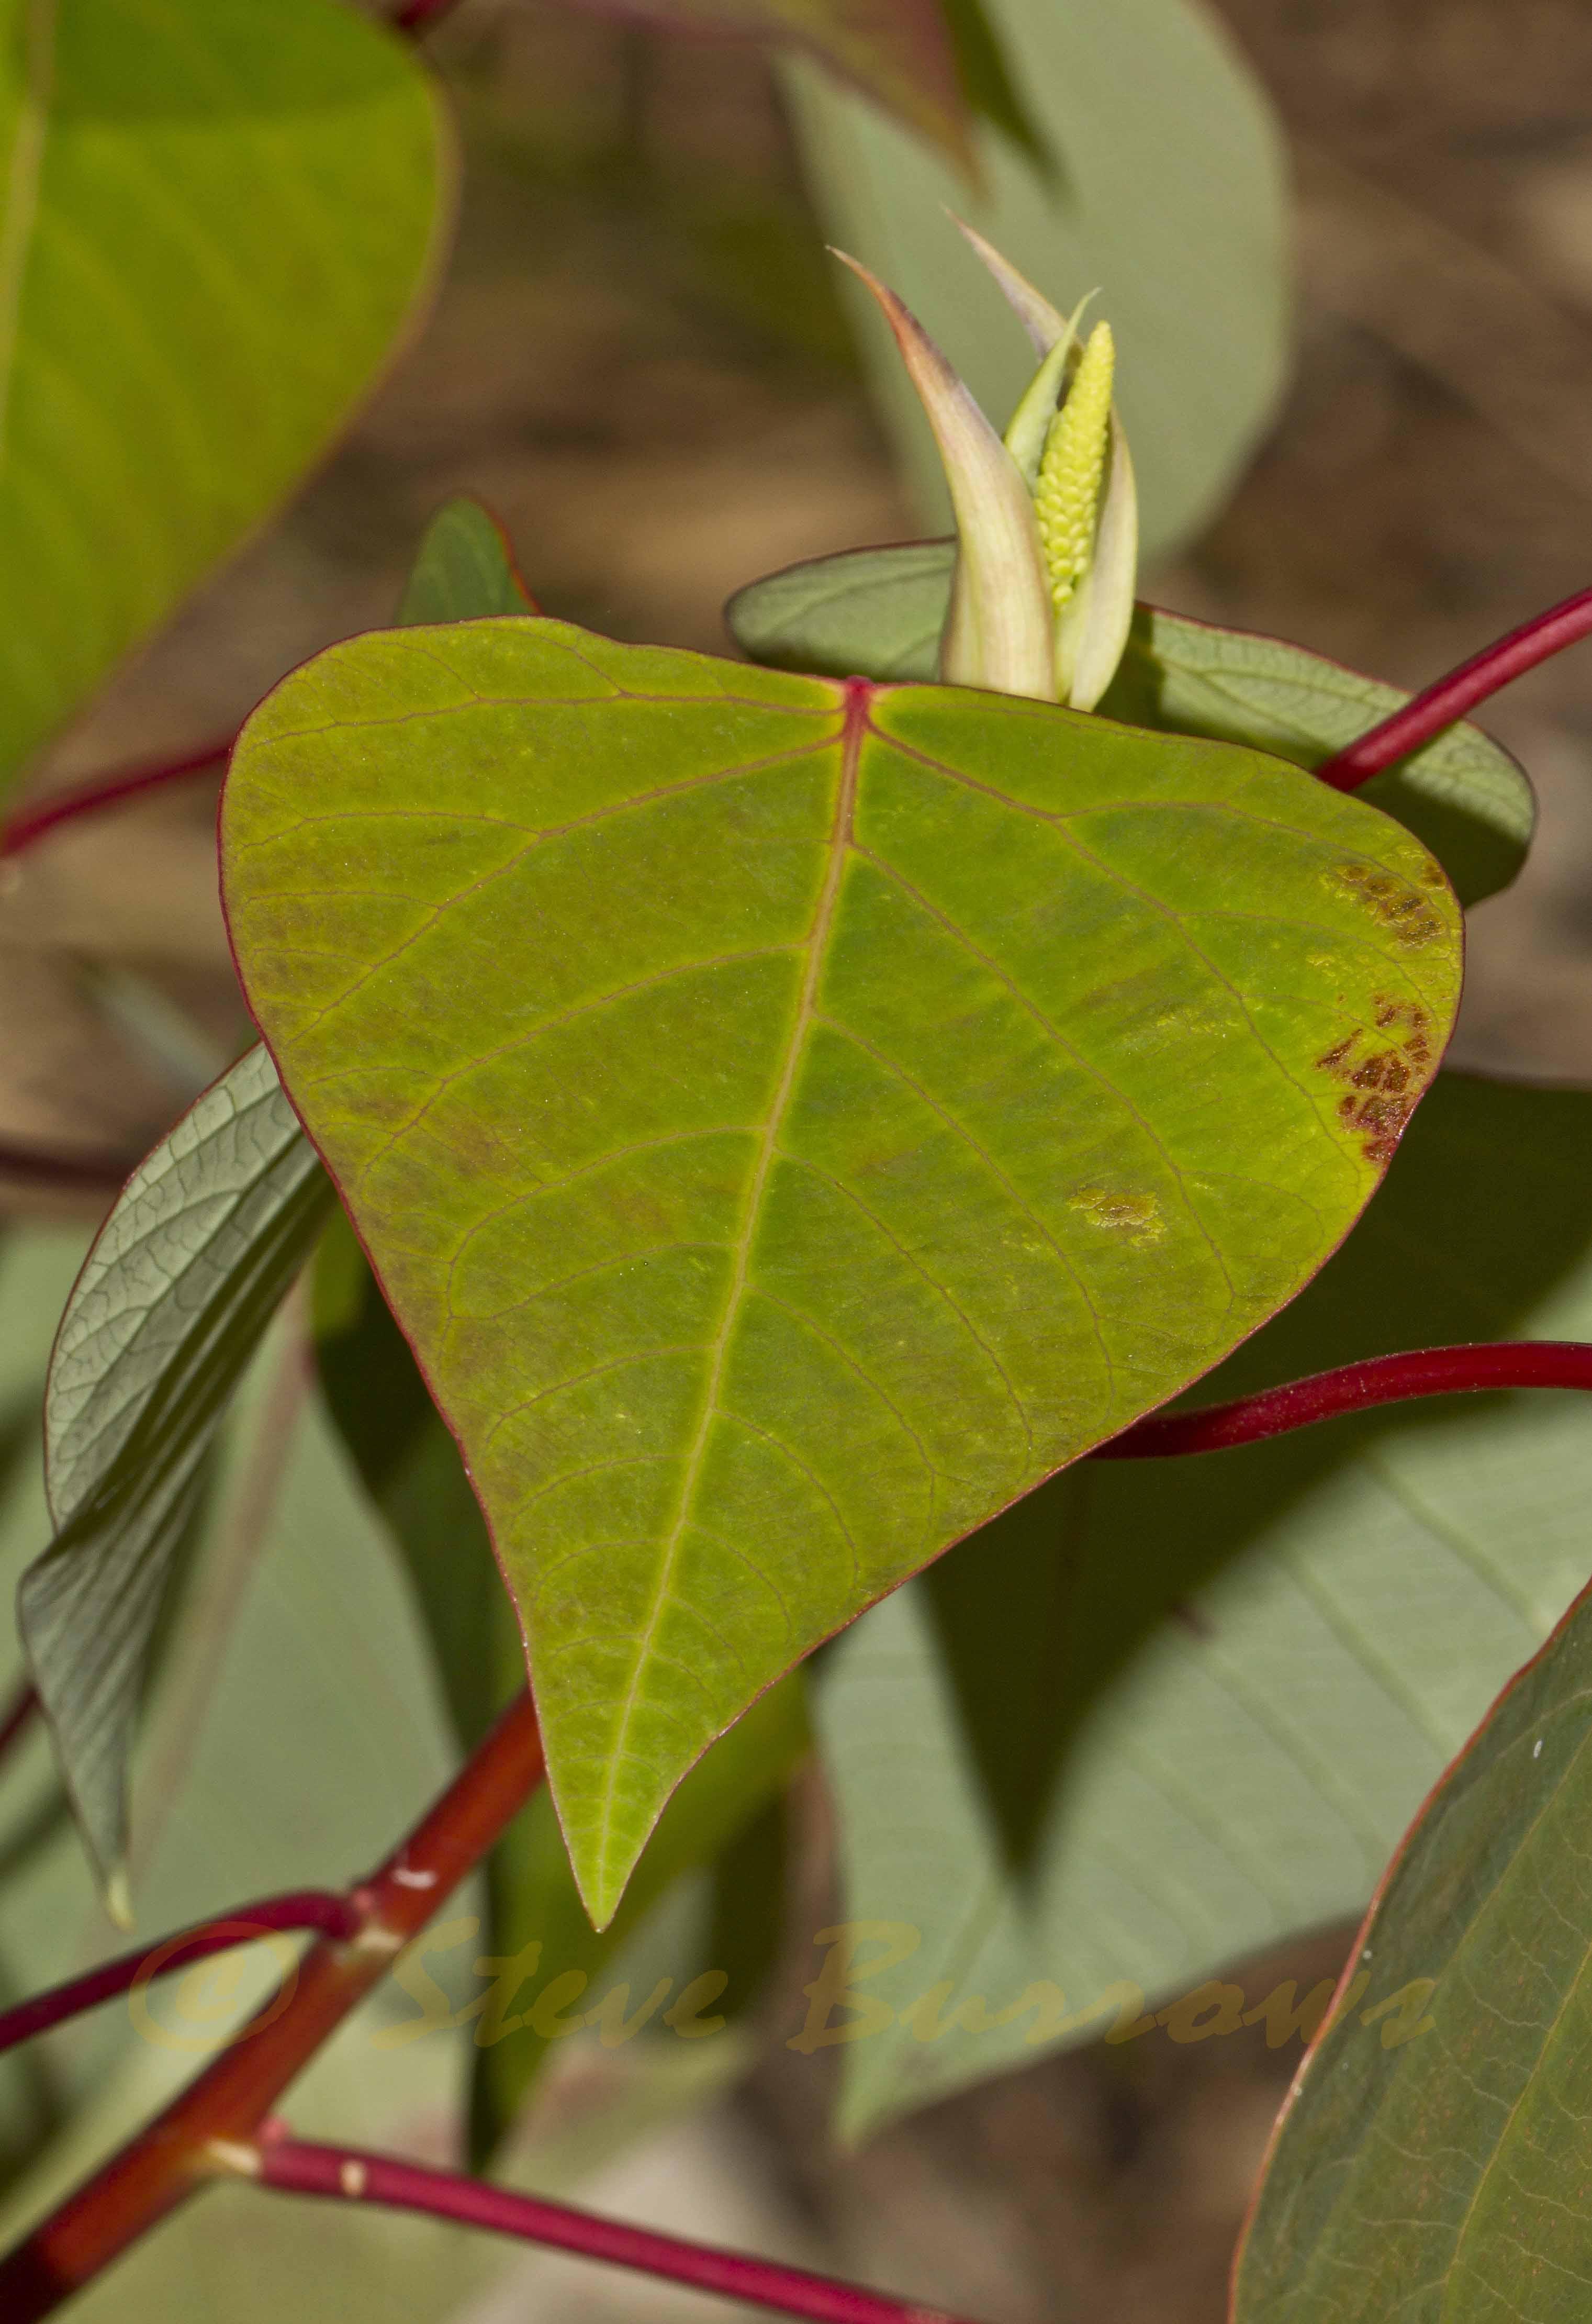 Image courtesy of Steve Burrows Homalanthus populifolius